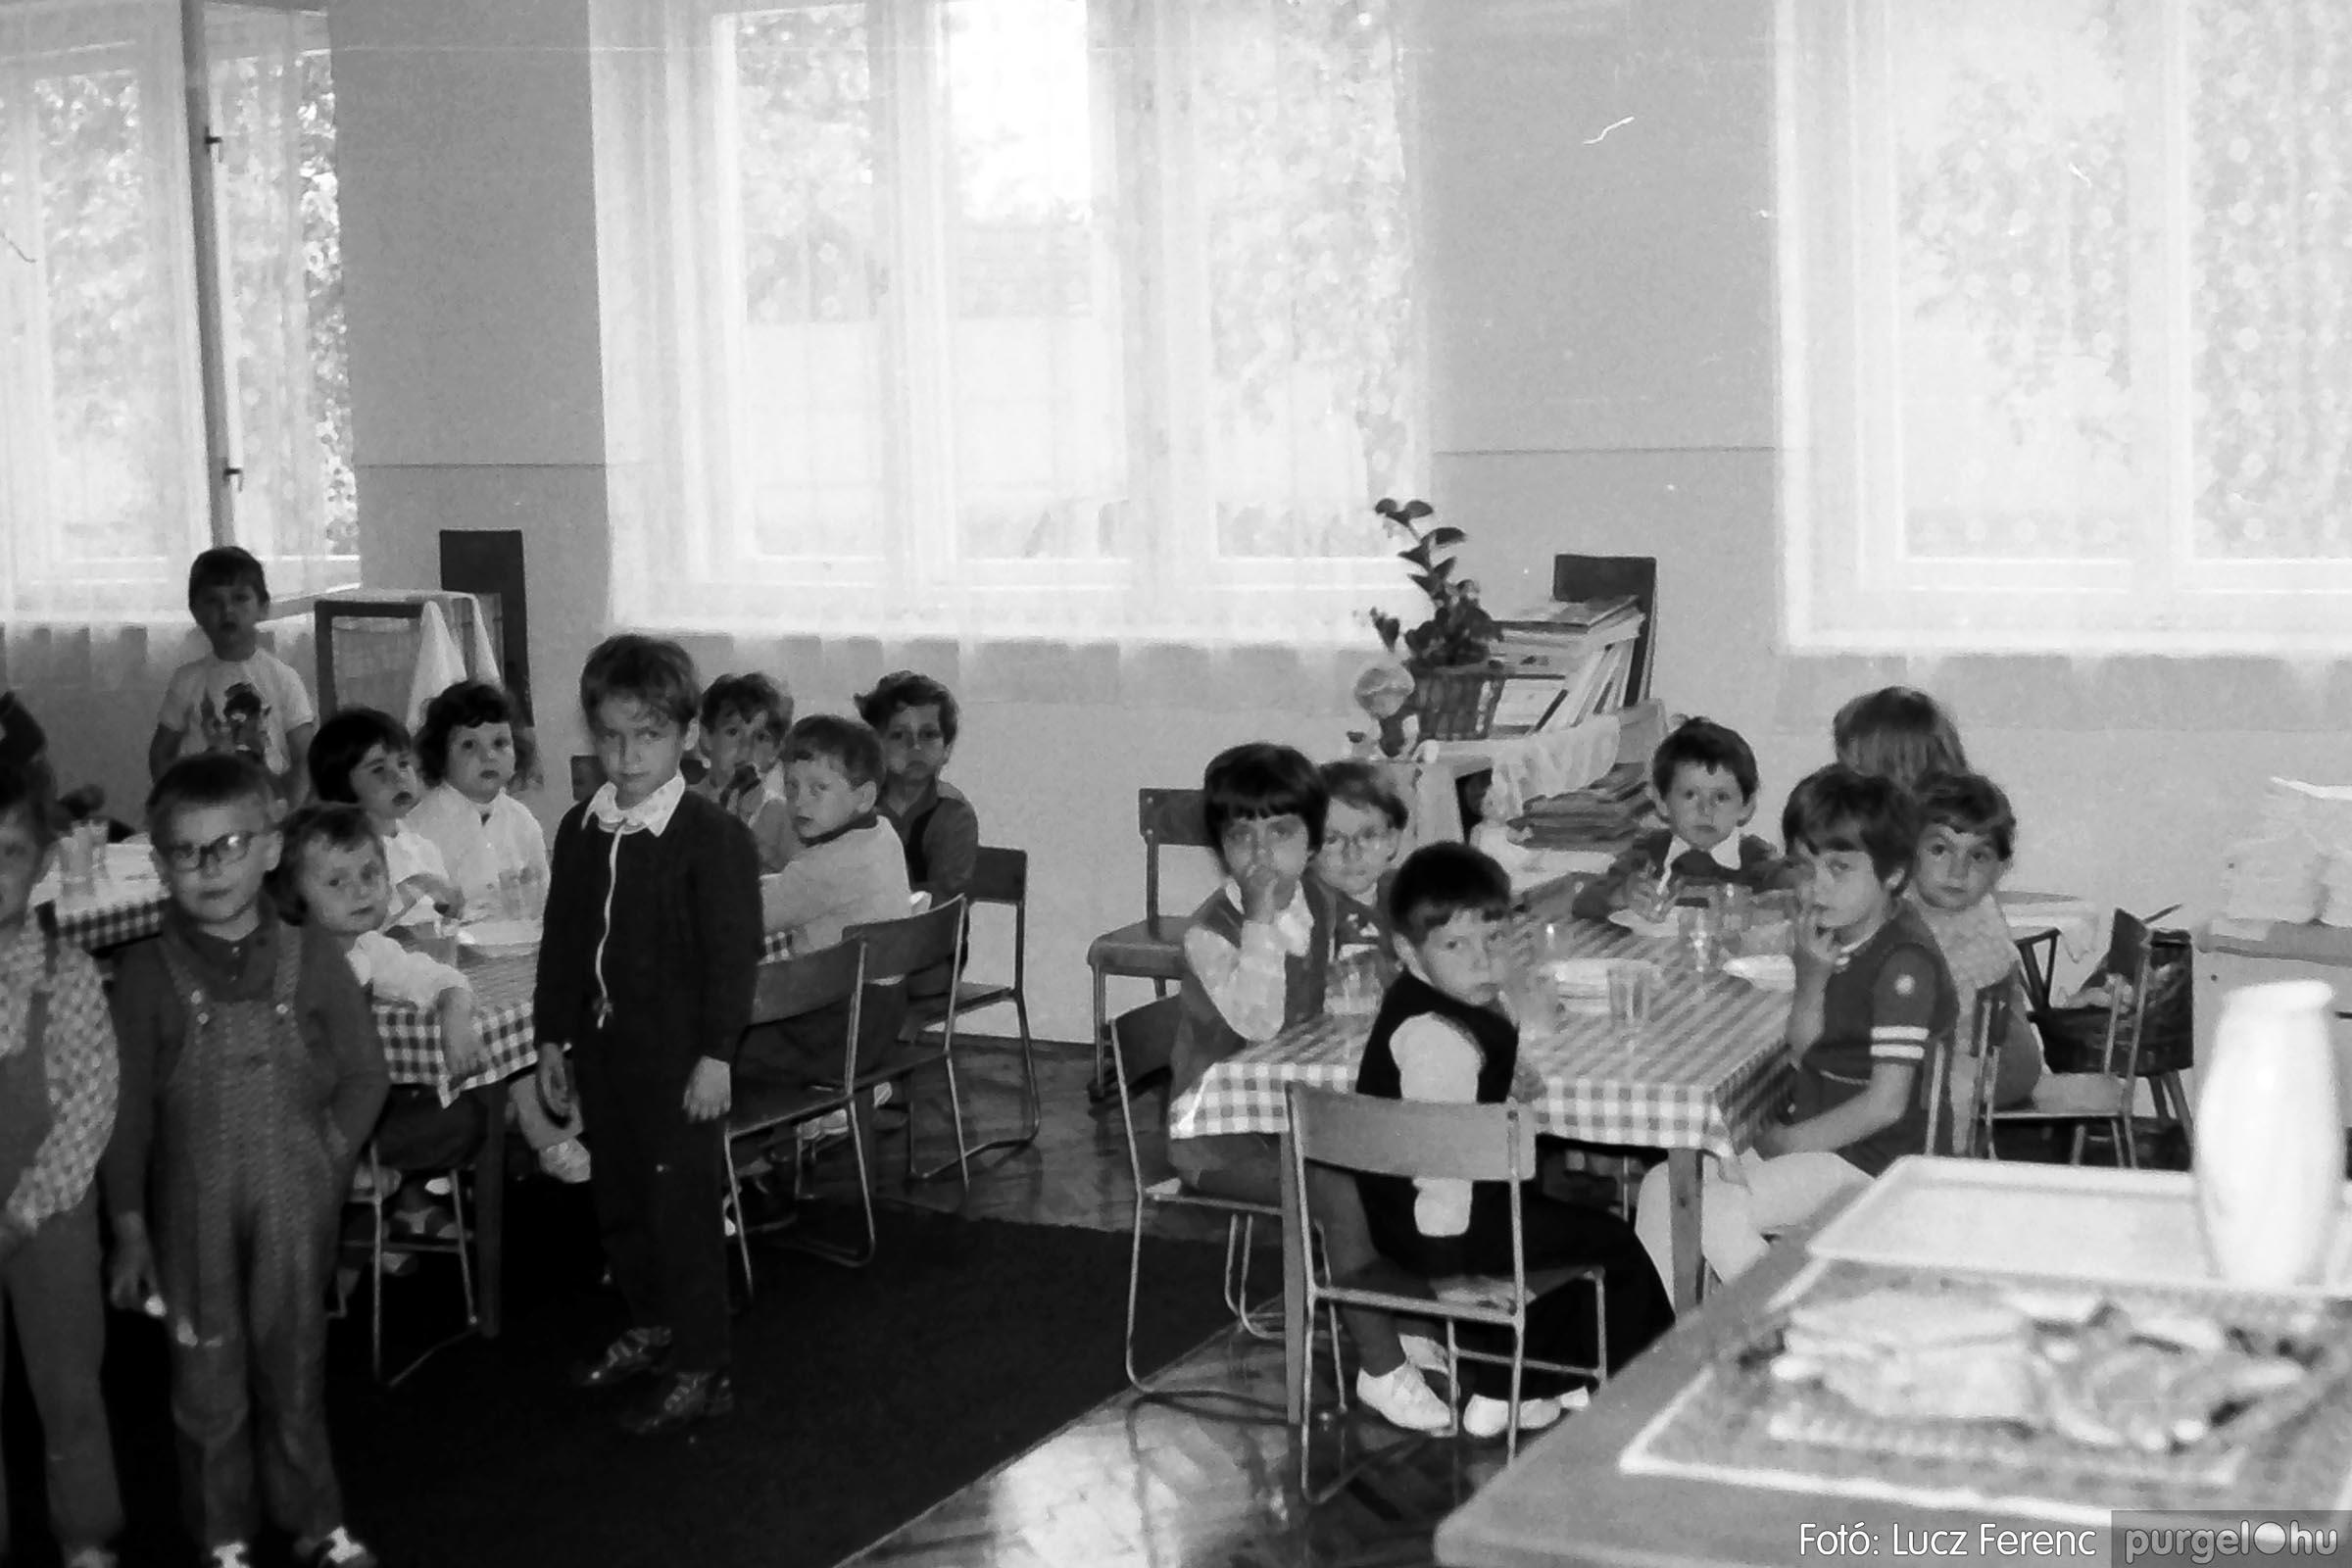 016 1975. Puskin TSZ kertészet szocialista brigád ajándéka az óvodának 003 - Fotó: Lucz Ferenc IMG00164q.jpg